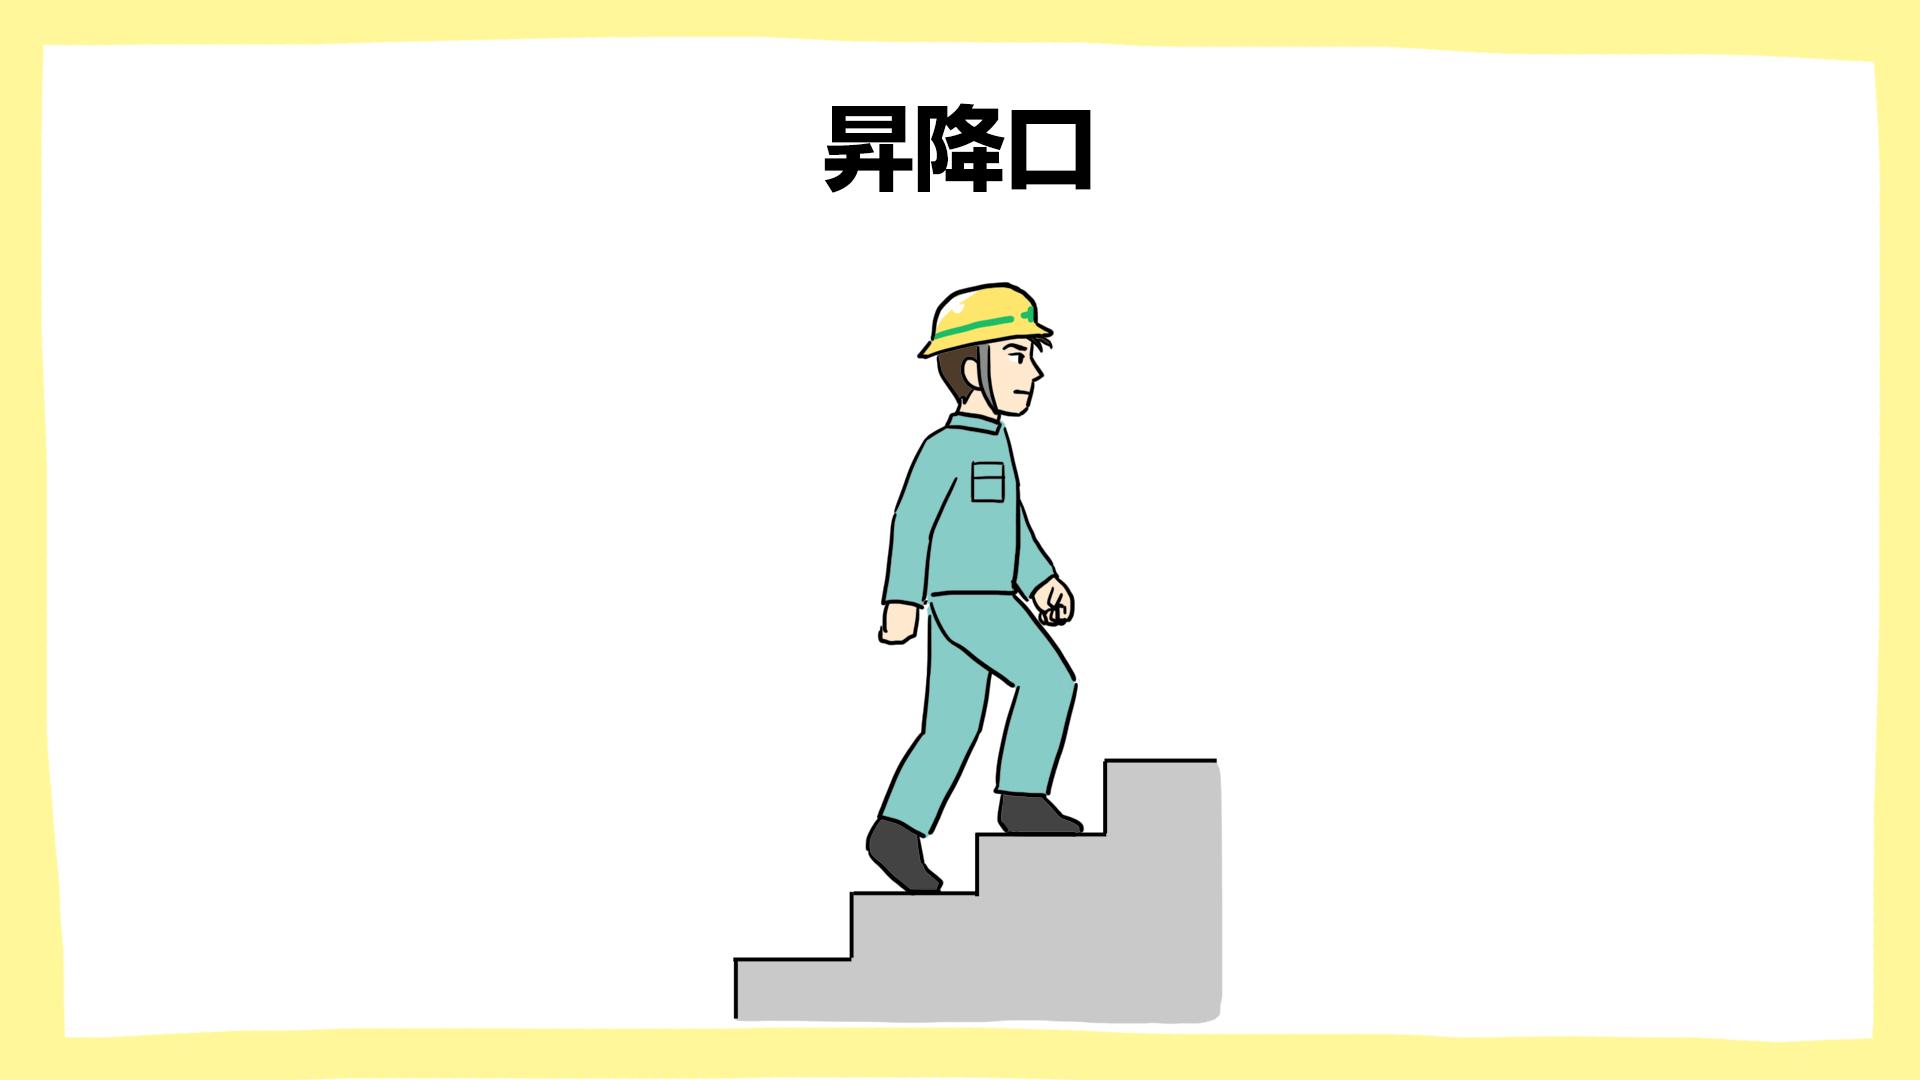 昇降口 ・建設現場の安全ポスター